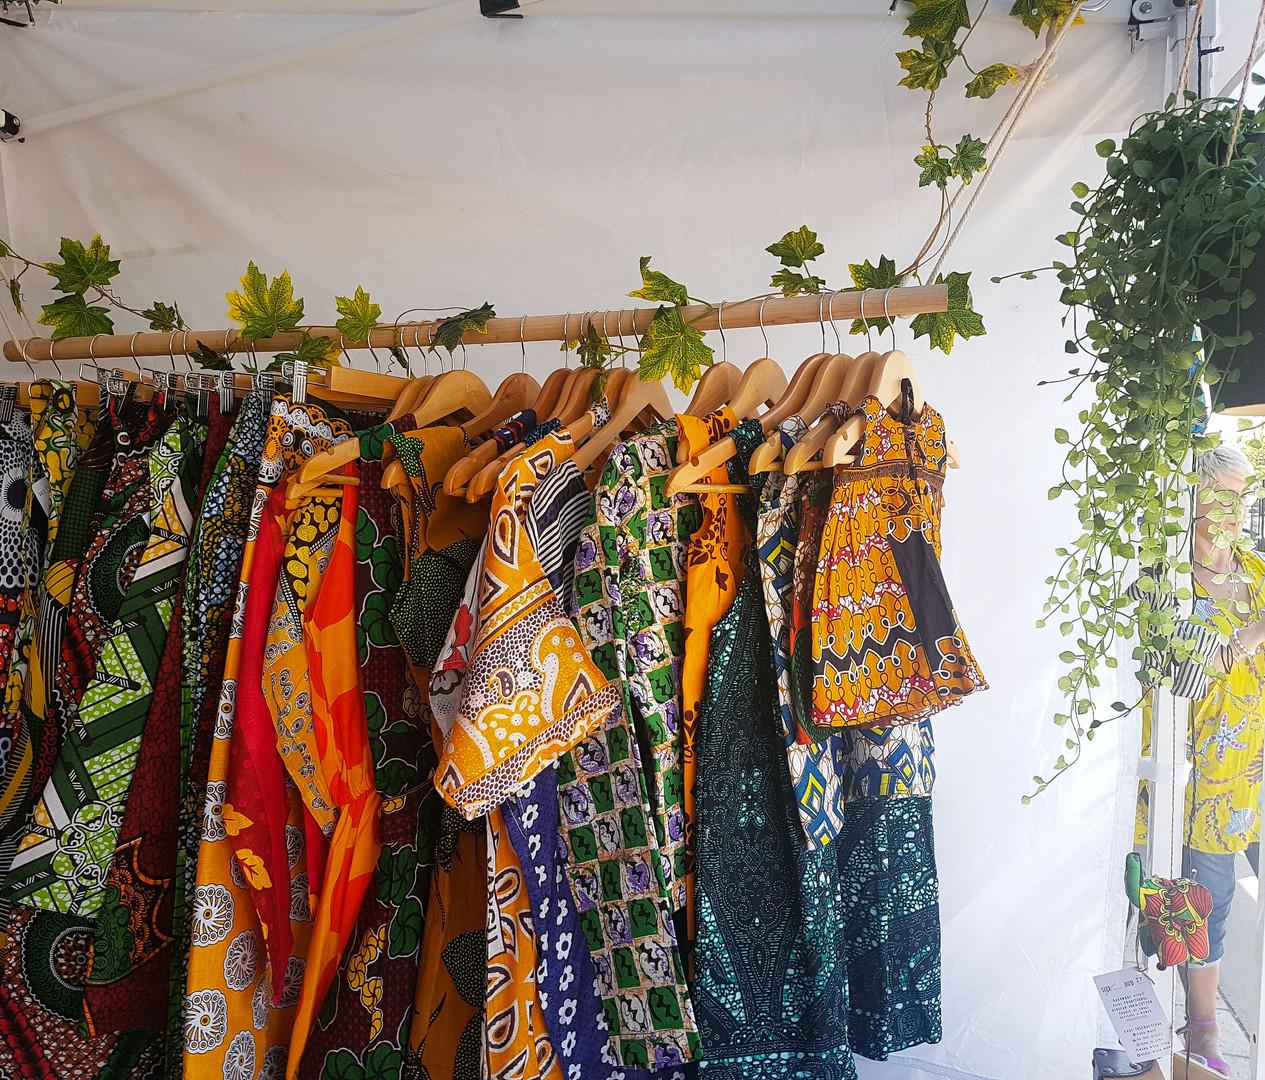 Tanzanian Collection at Market display.jpg